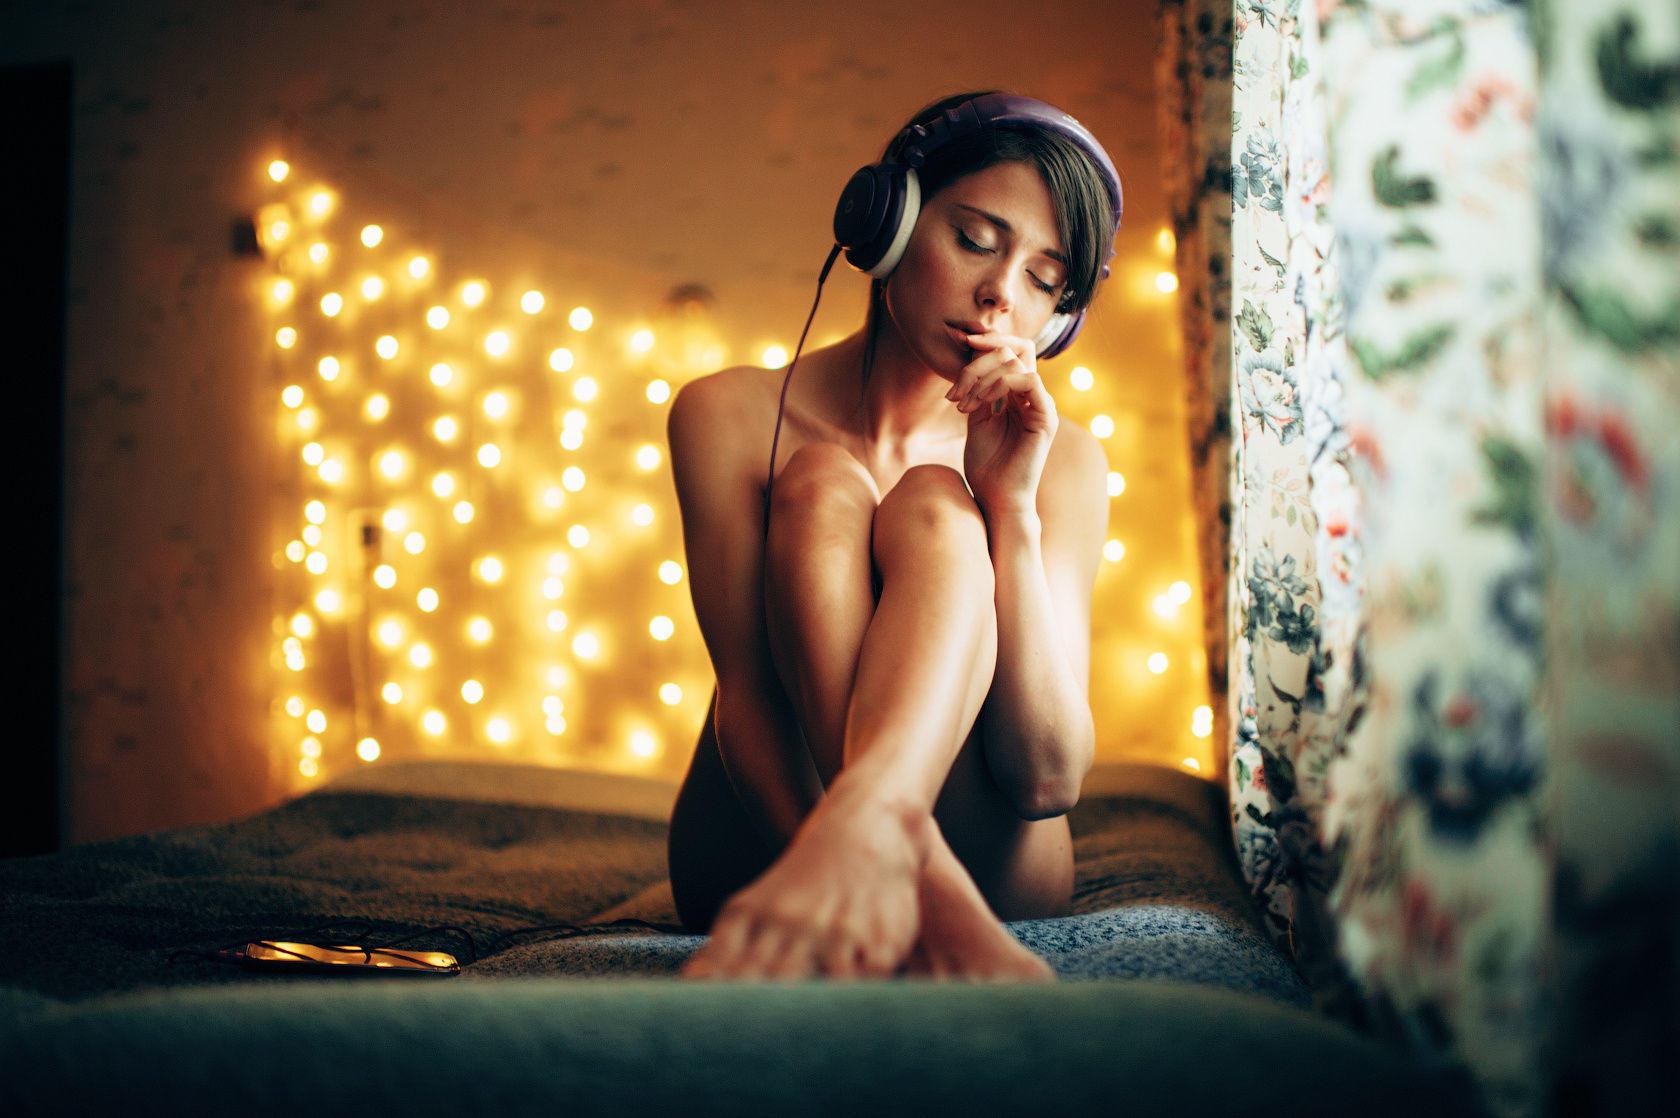 Обнаженная Слушать